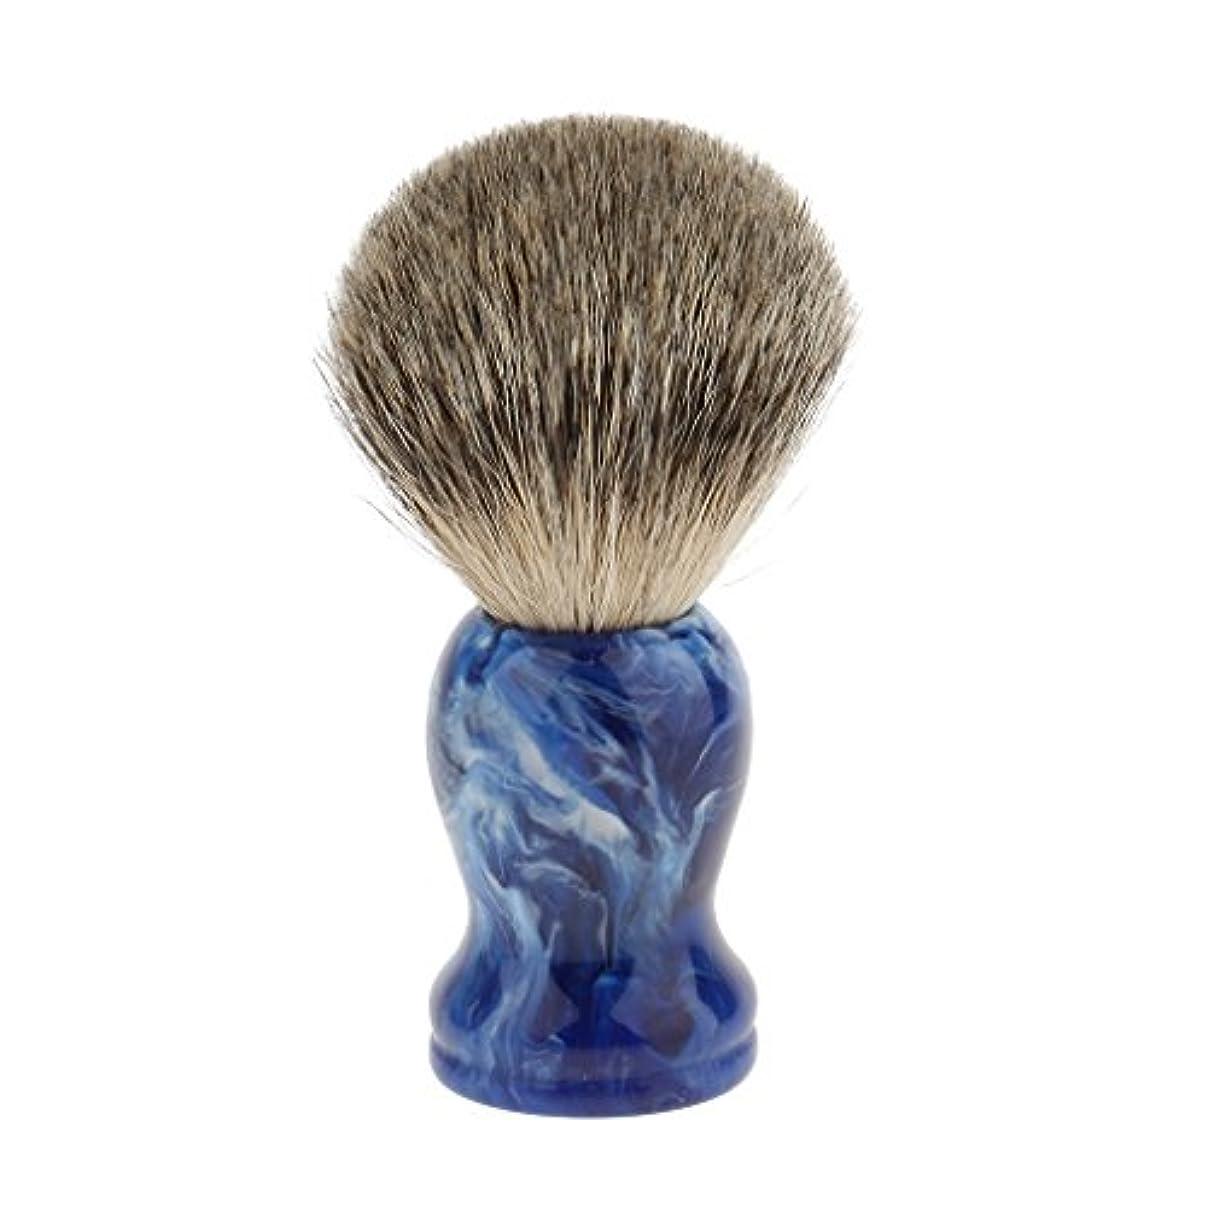 七面鳥想像力大胆シェービングブラシ ひげブラシ 理容 洗顔 髭剃り 泡立ち 樹脂ハンドル 高密度 ブラシヘッド